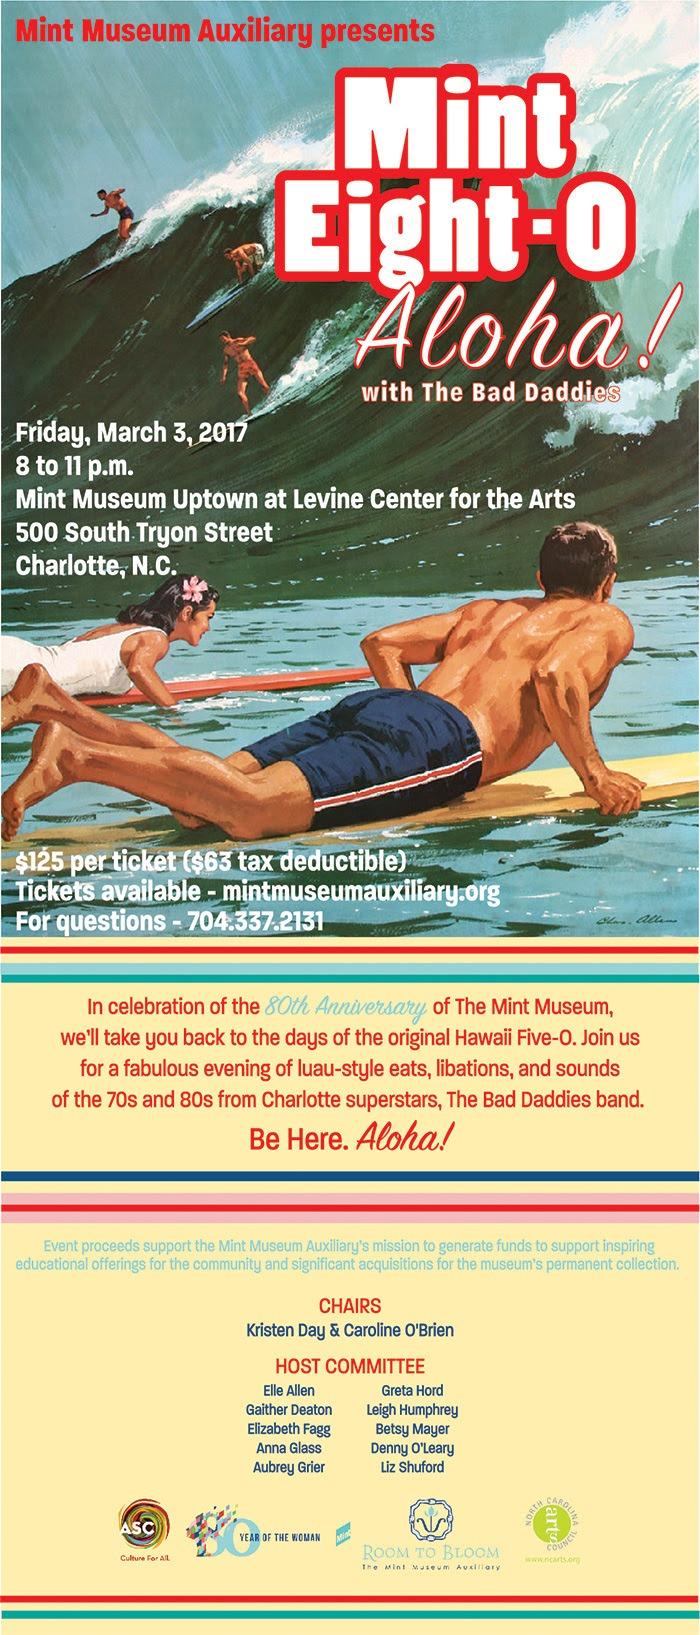 Eight-O Aloha Event